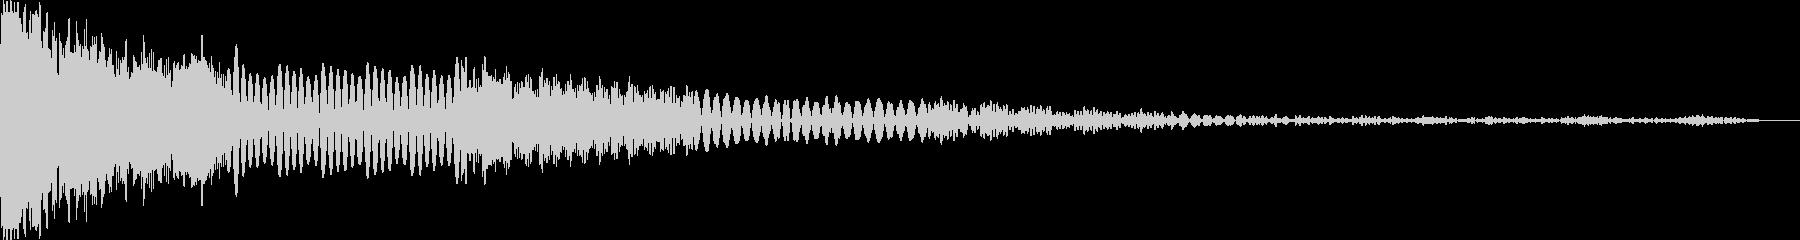 AMGアナログFX18の未再生の波形